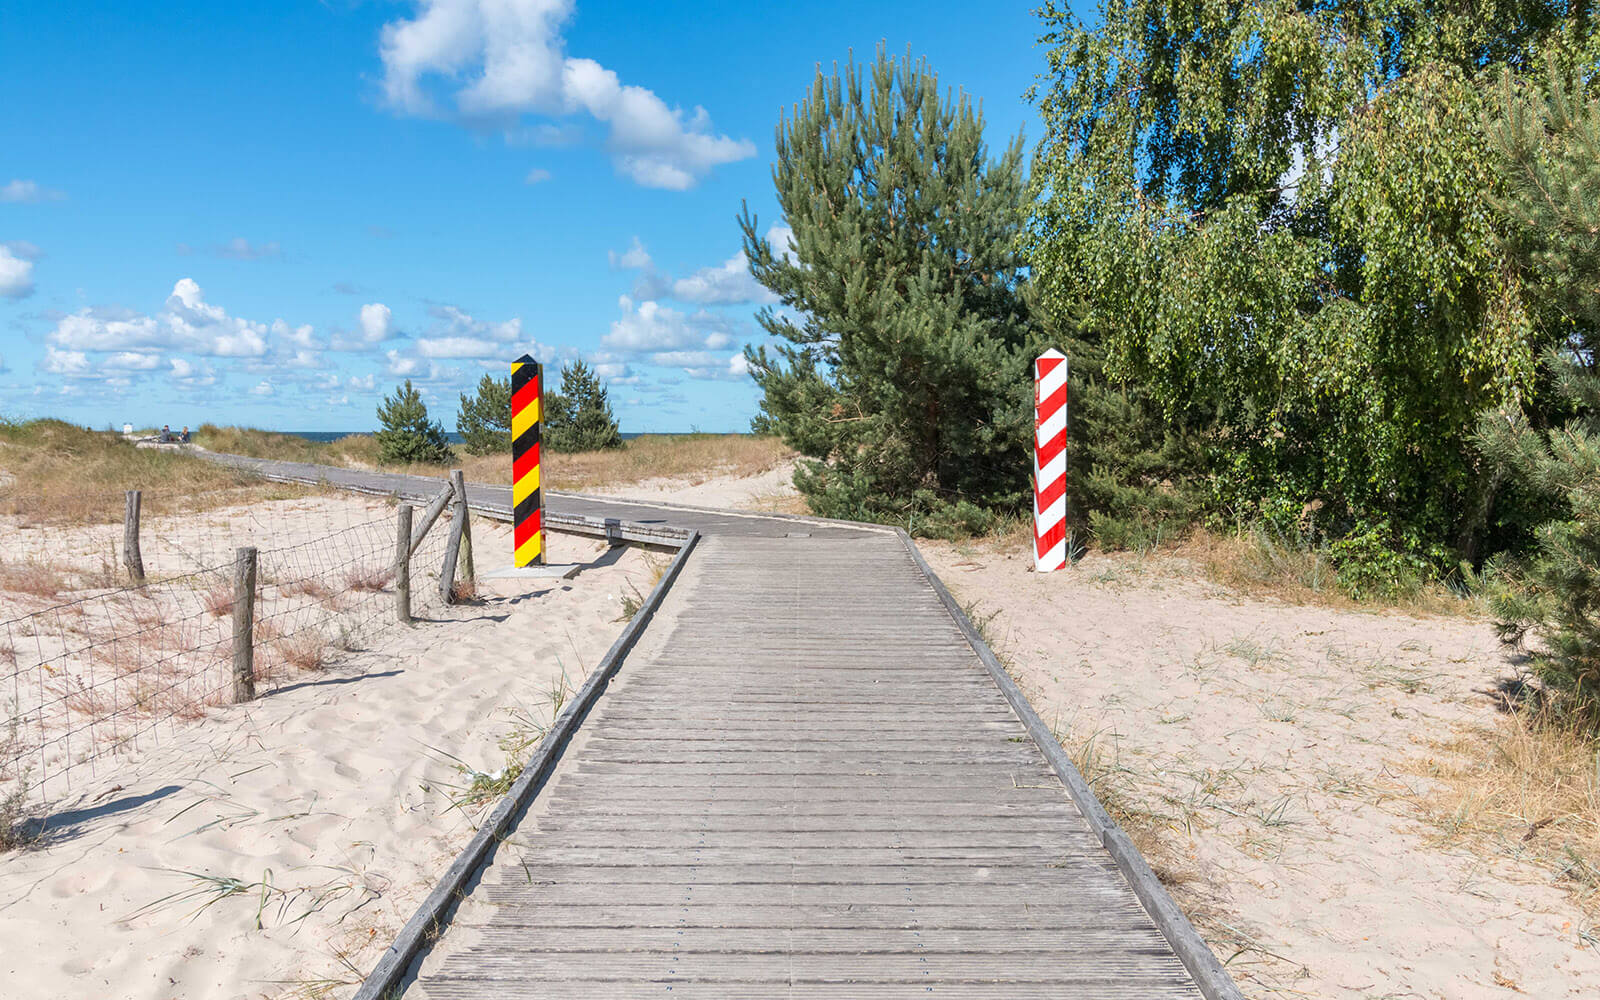 Transgraniczna promenada polsko niemiecka nawyspie wolin